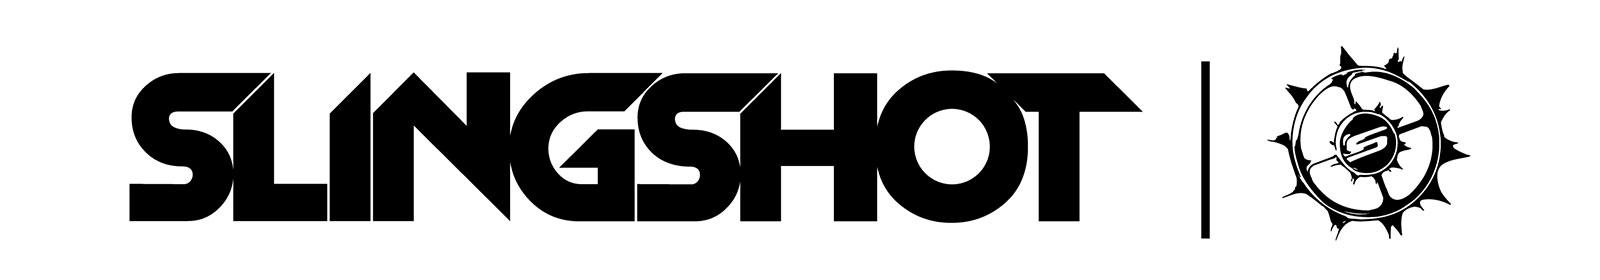 Slingshot spikeyball logo